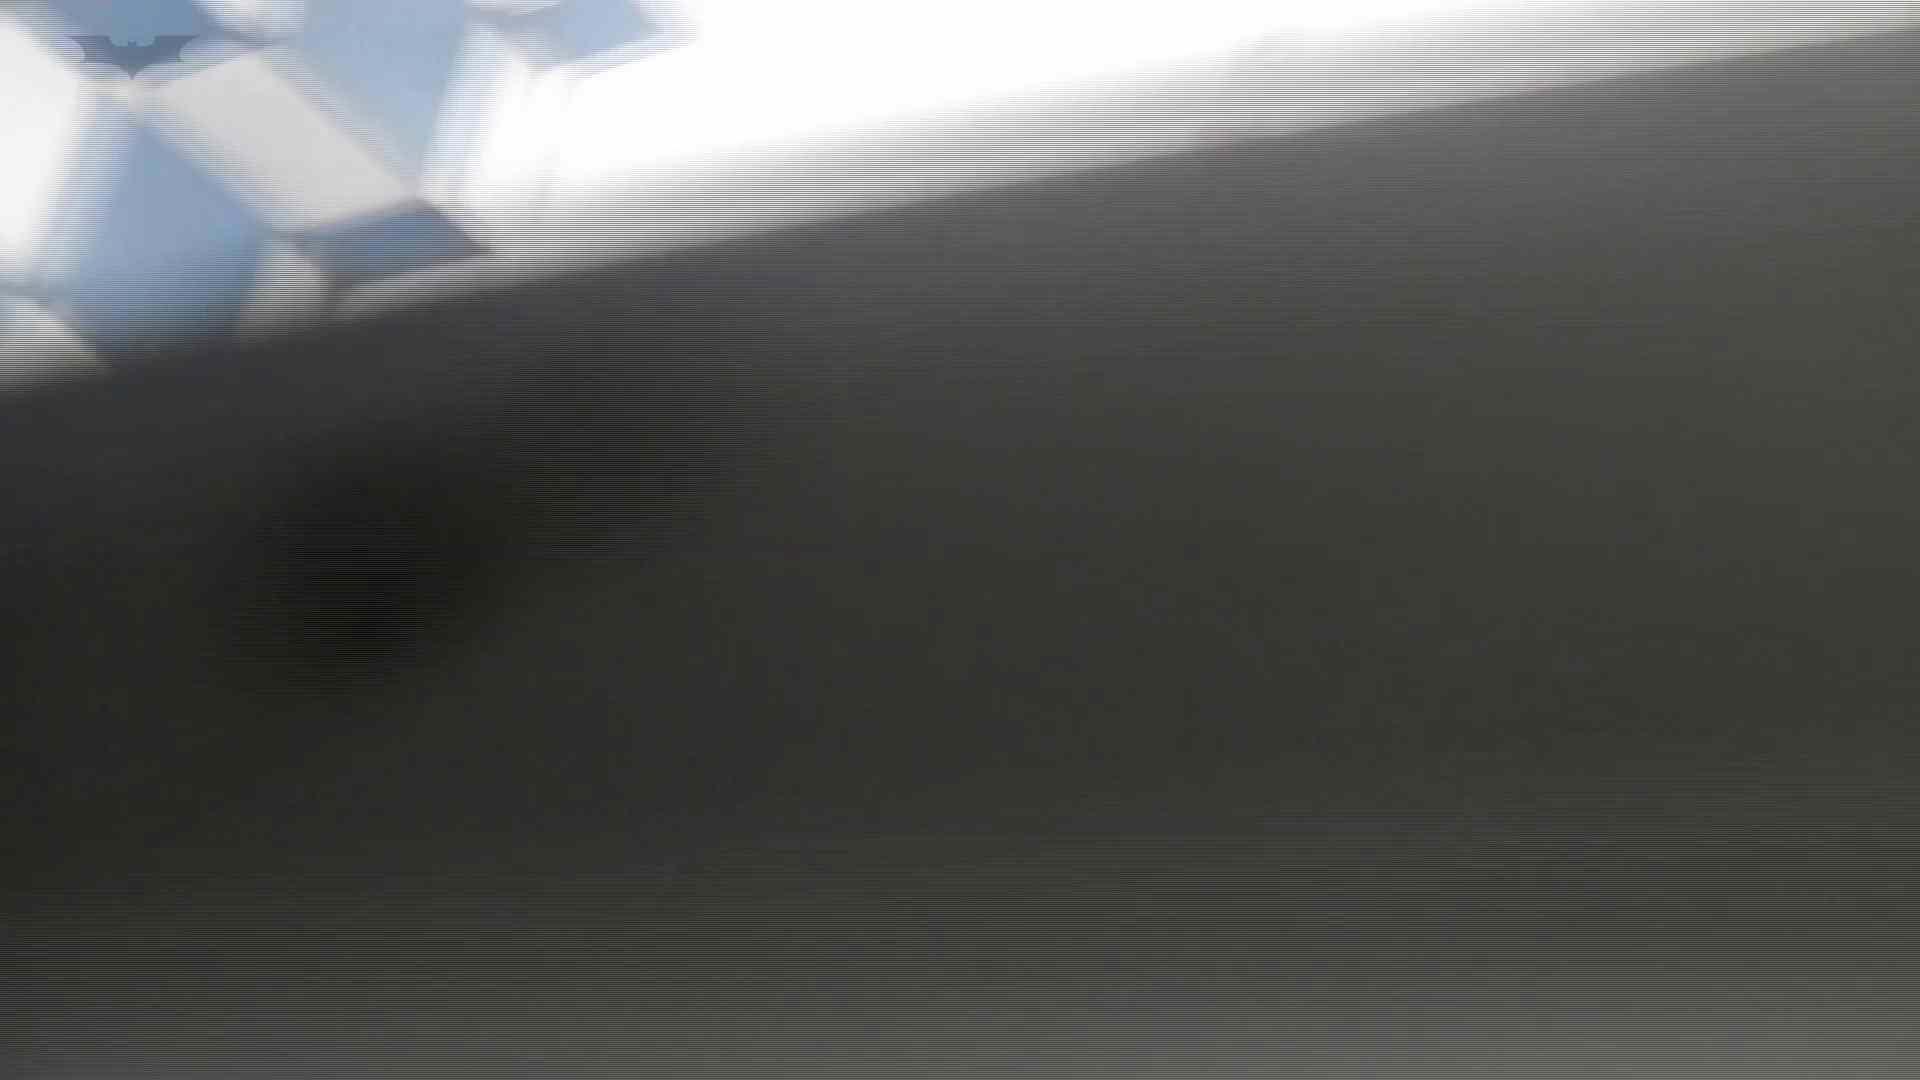 下からノゾム vol.024 出演女性シリーズ最多!! ギャル攻め ヌード画像 104画像 86